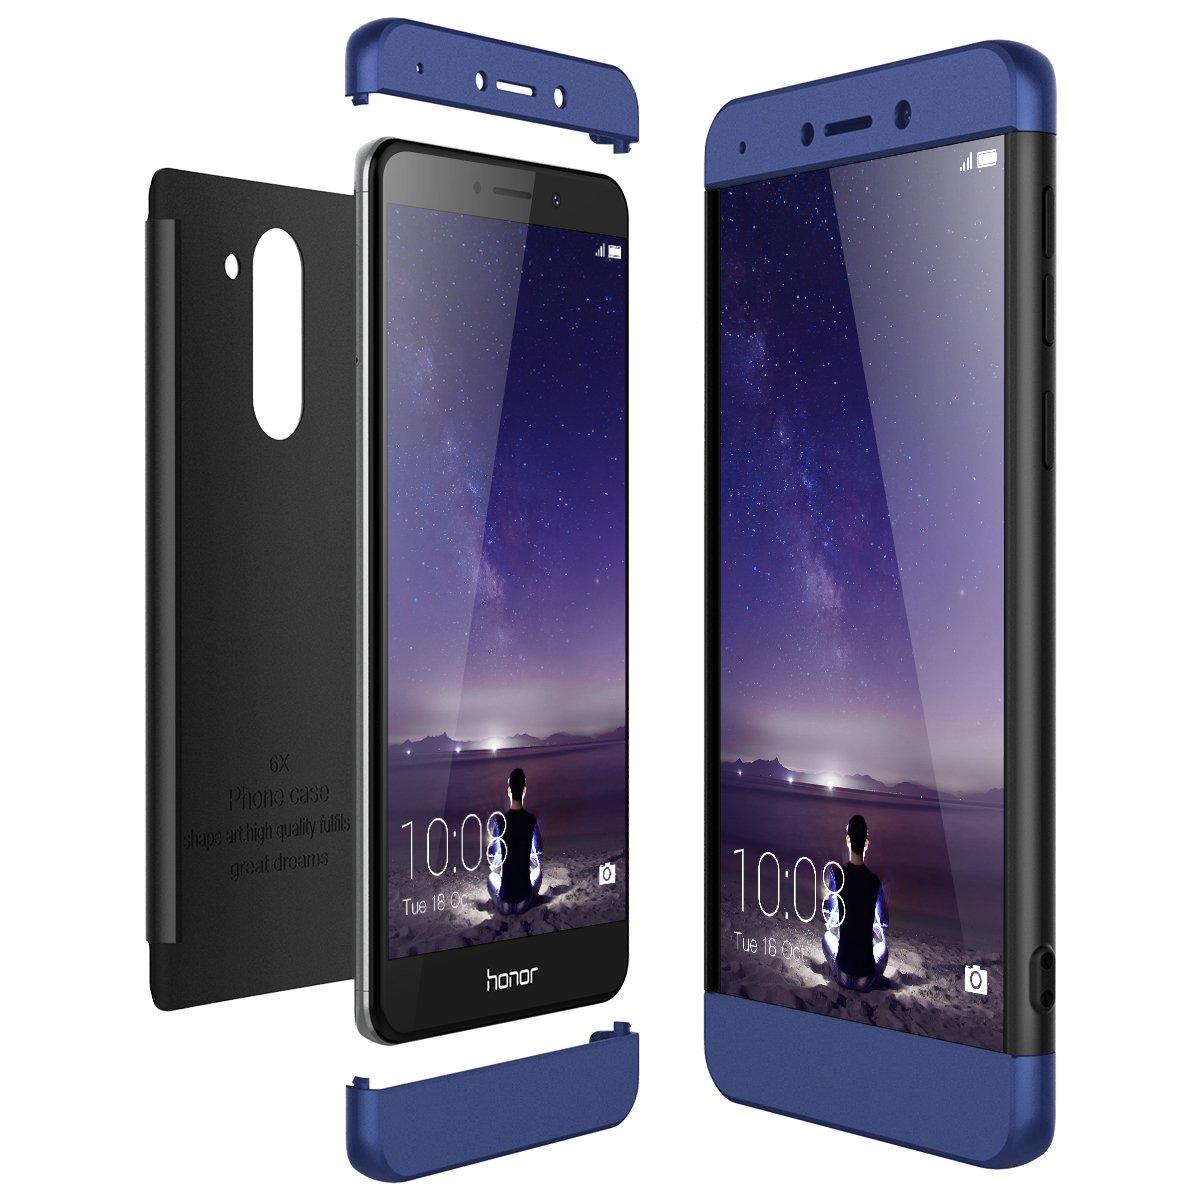 CE-Link Funda Huawei Honor 6X, Carcasa Fundas para Huawei Honor 6X, 3 en 1 Desmontable Ultra-Delgado Anti-Arañazos Case Protectora - Azul + Negro